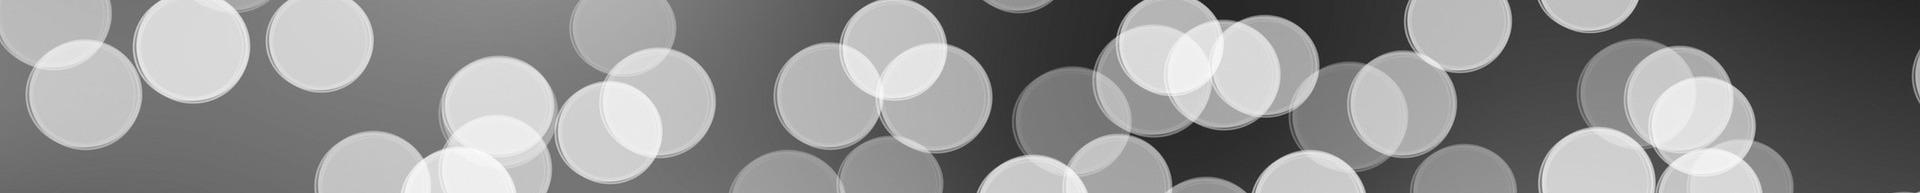 Grey luminous circles.png